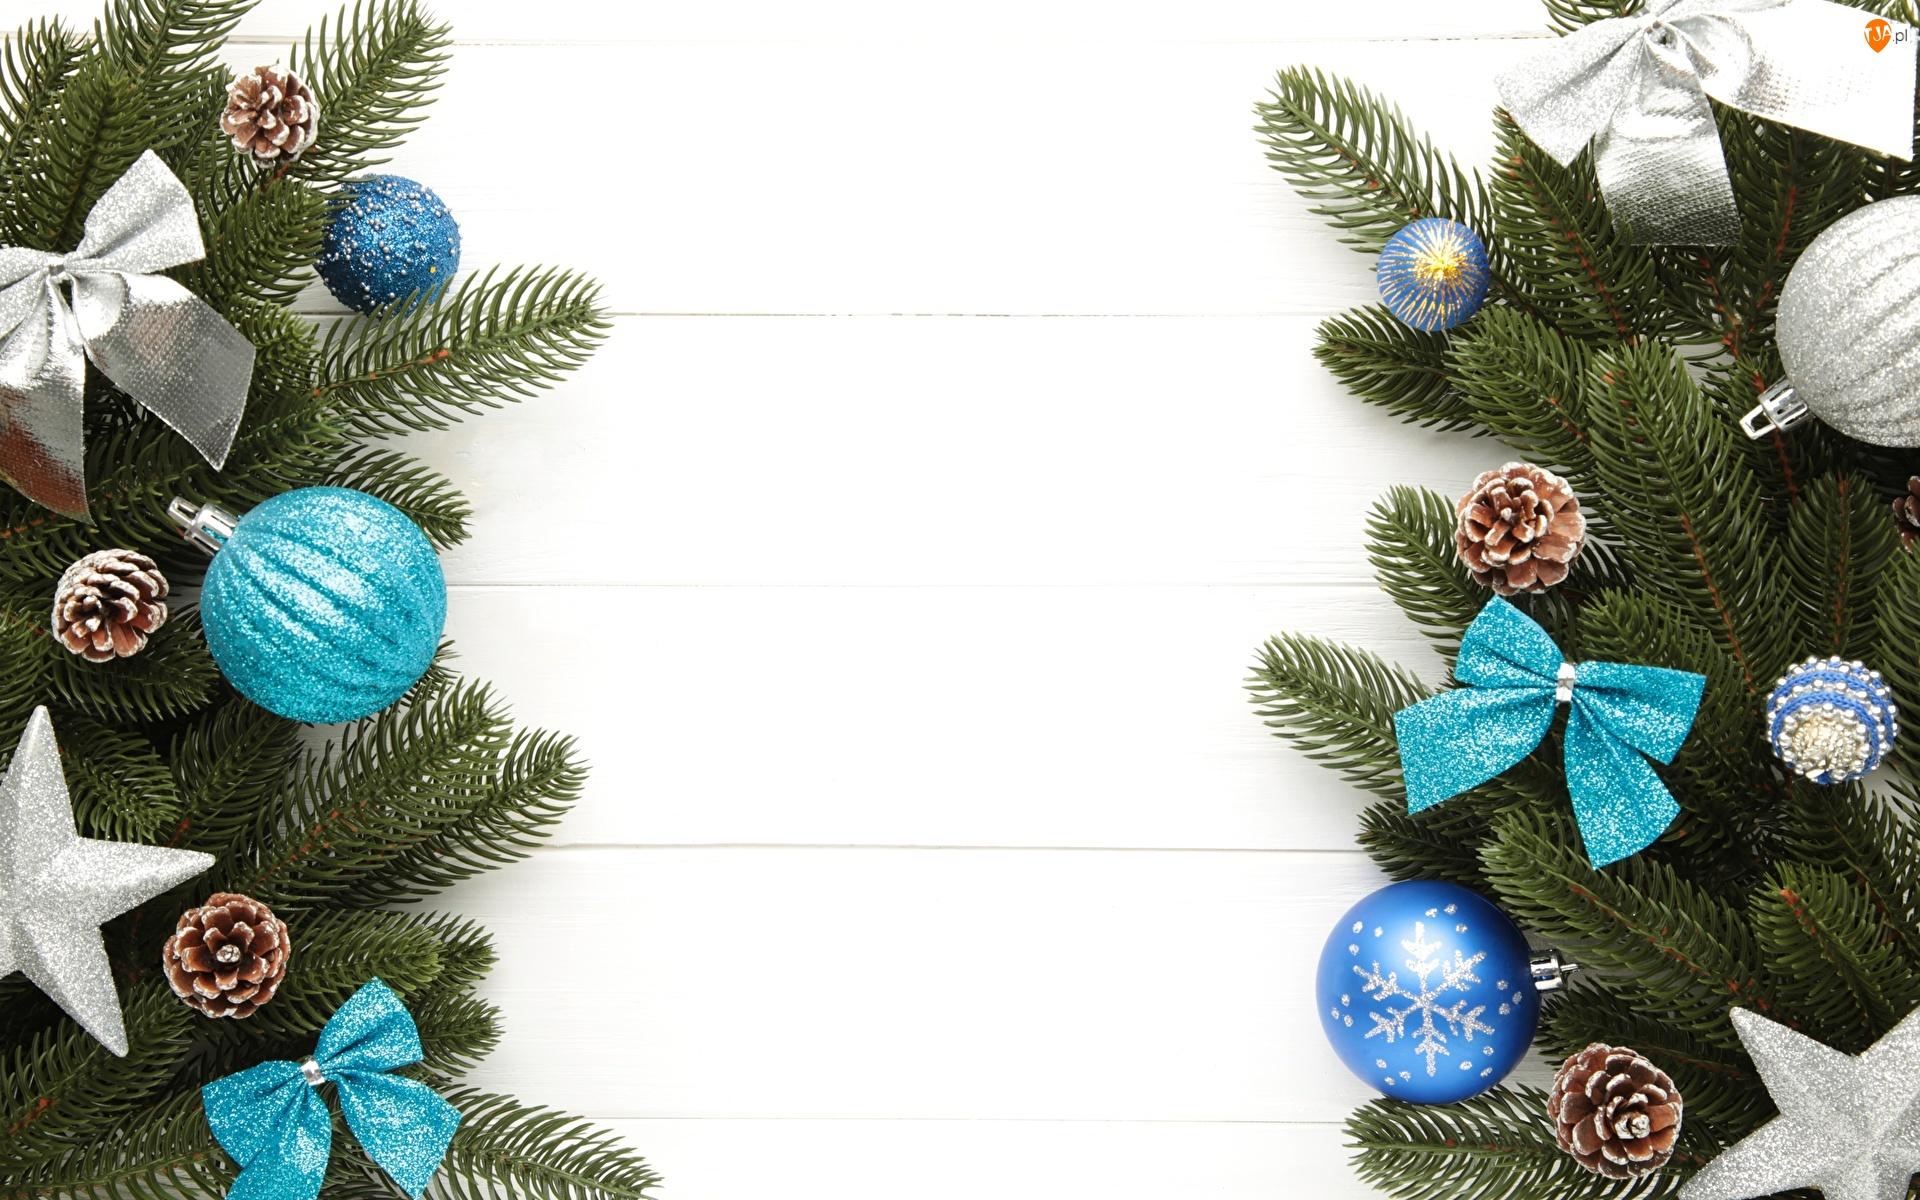 Kompozycja, Boże Narodzenie, Kokardy, Świąteczna, Szyszki, Bombki, Gałązki